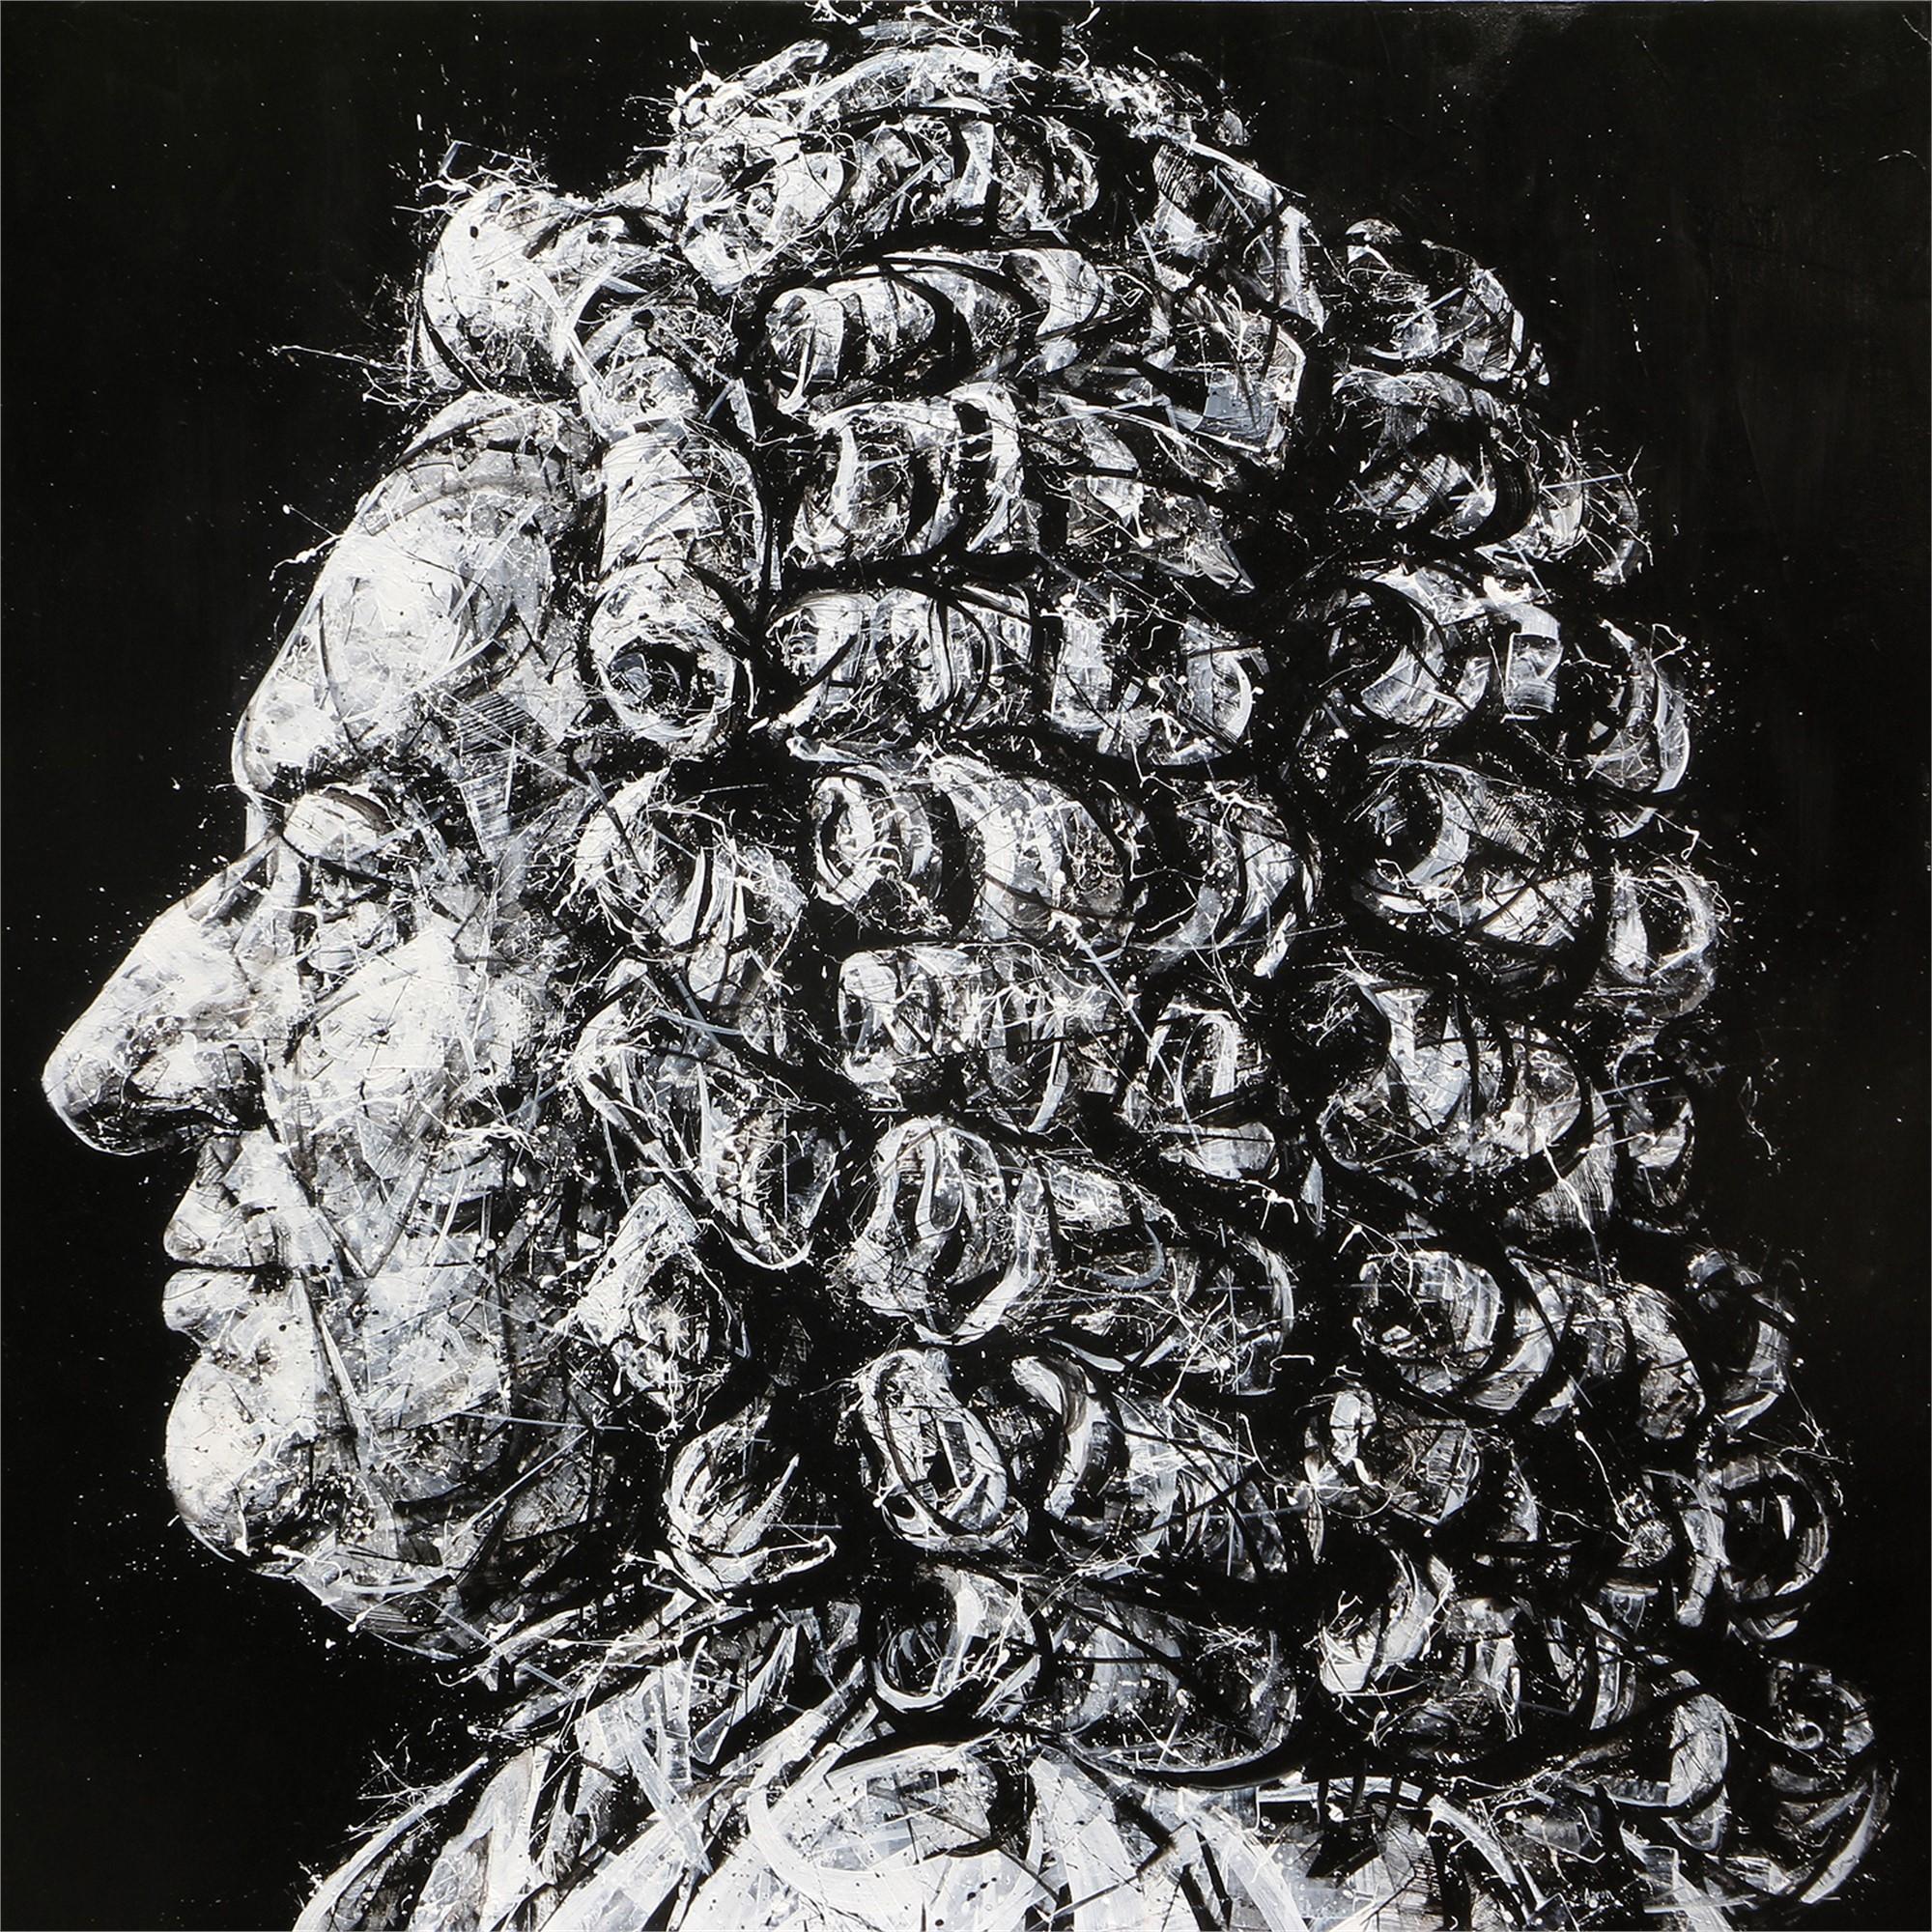 Bach by Aaron Reichert